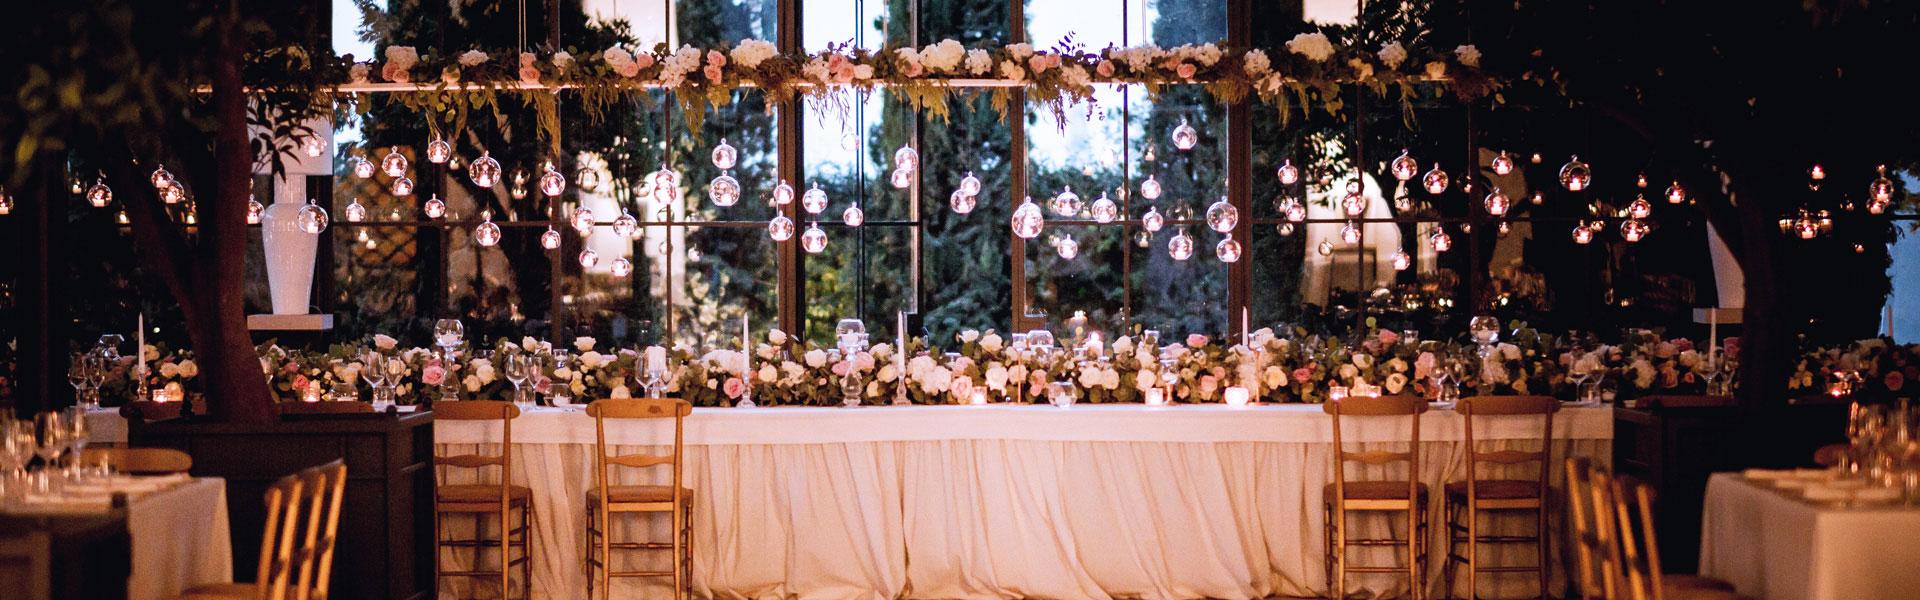 matrimonio autunnale sposarsi in serra